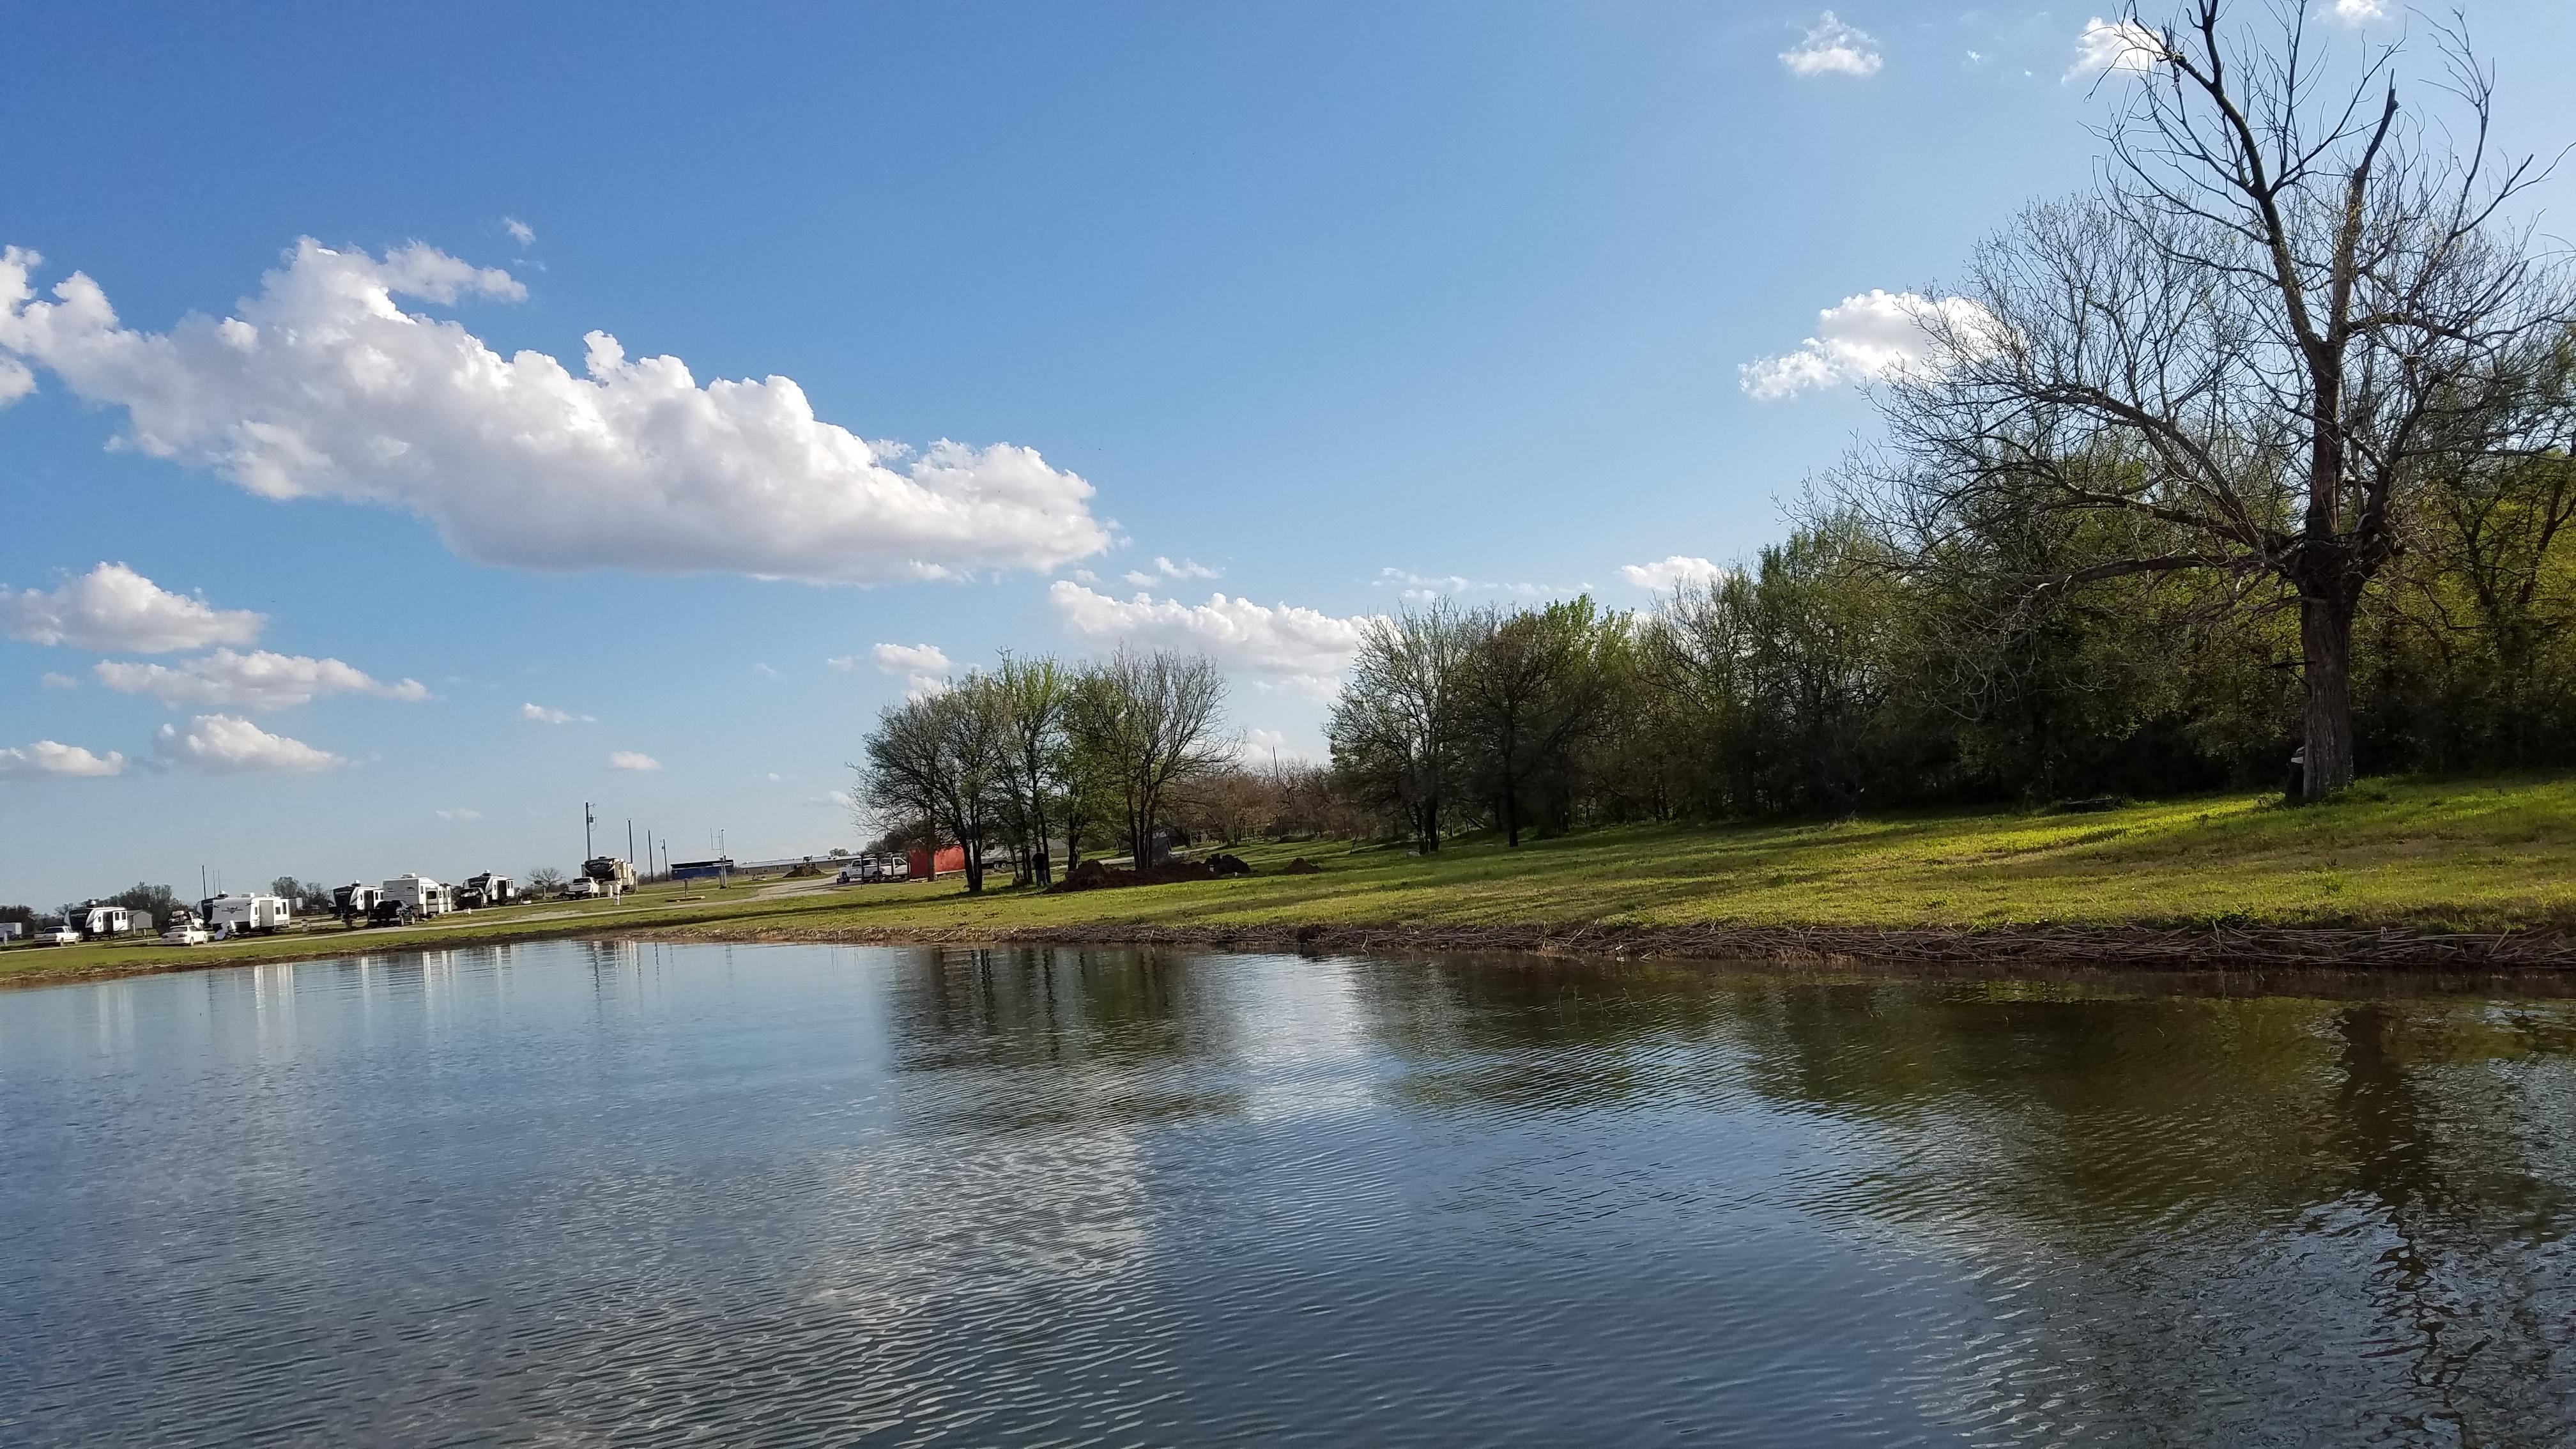 stephens bay rv park